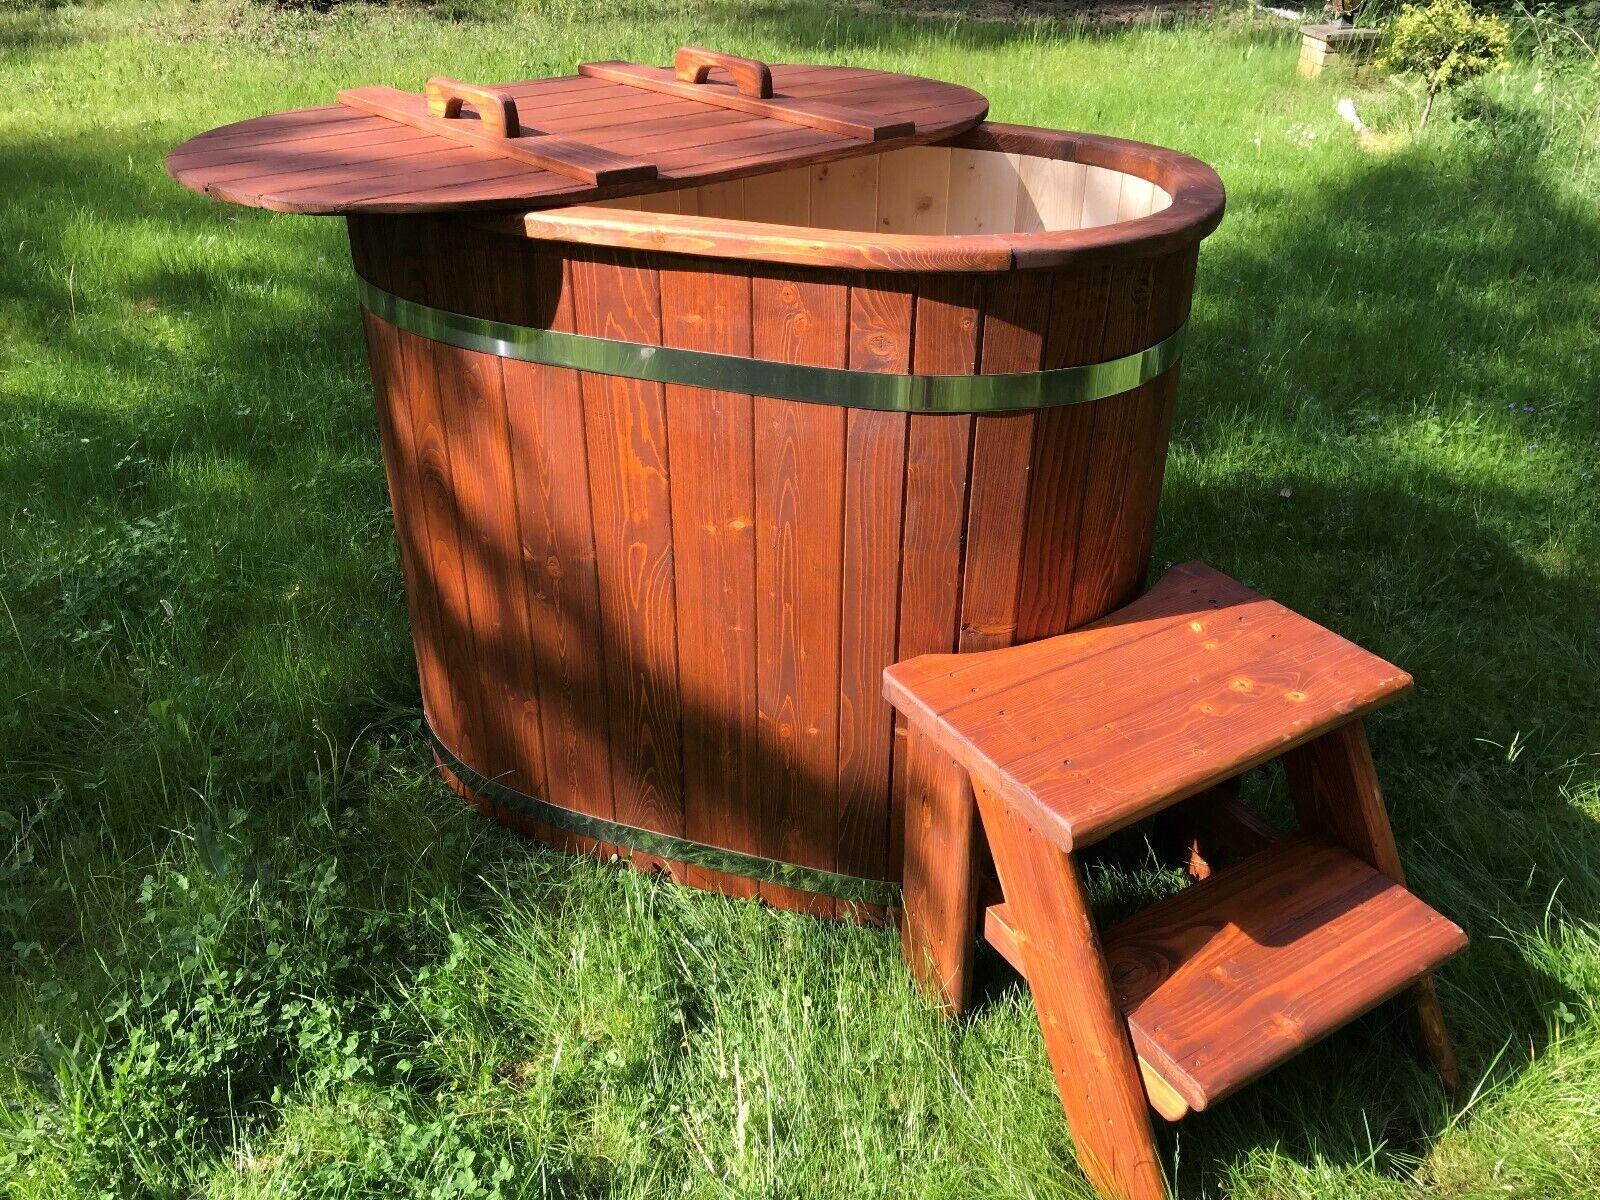 Badefass Badetonne Badebottich Tauchbecken Badezuber Pool Outdoor Sauna